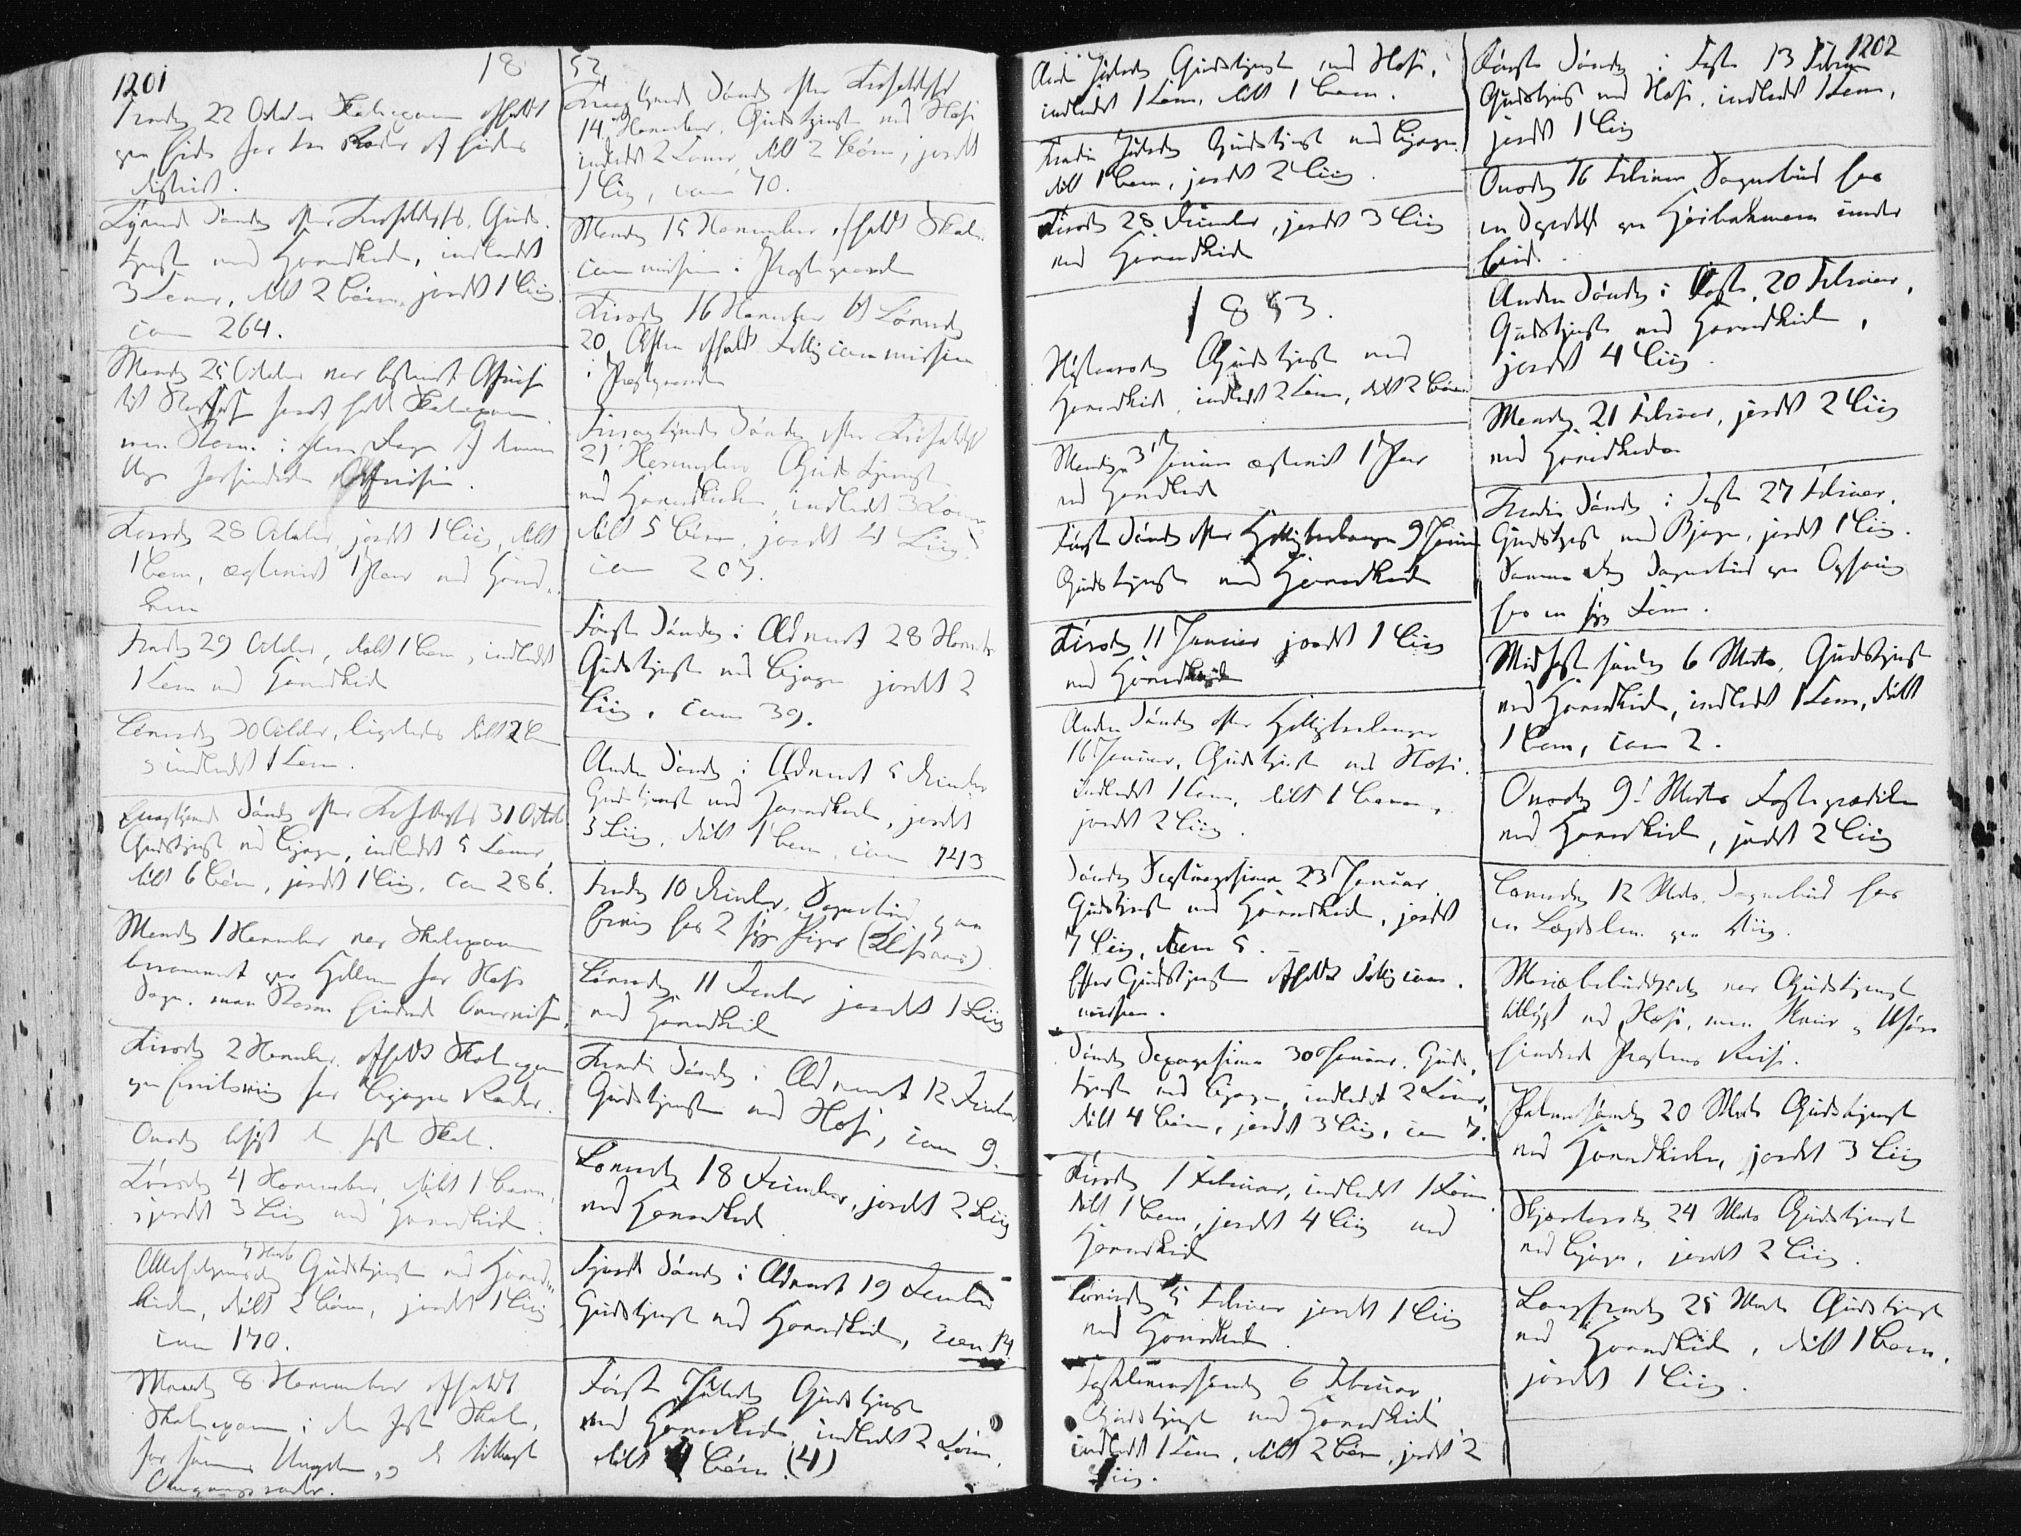 SAT, Ministerialprotokoller, klokkerbøker og fødselsregistre - Sør-Trøndelag, 659/L0736: Ministerialbok nr. 659A06, 1842-1856, s. 1201-1202